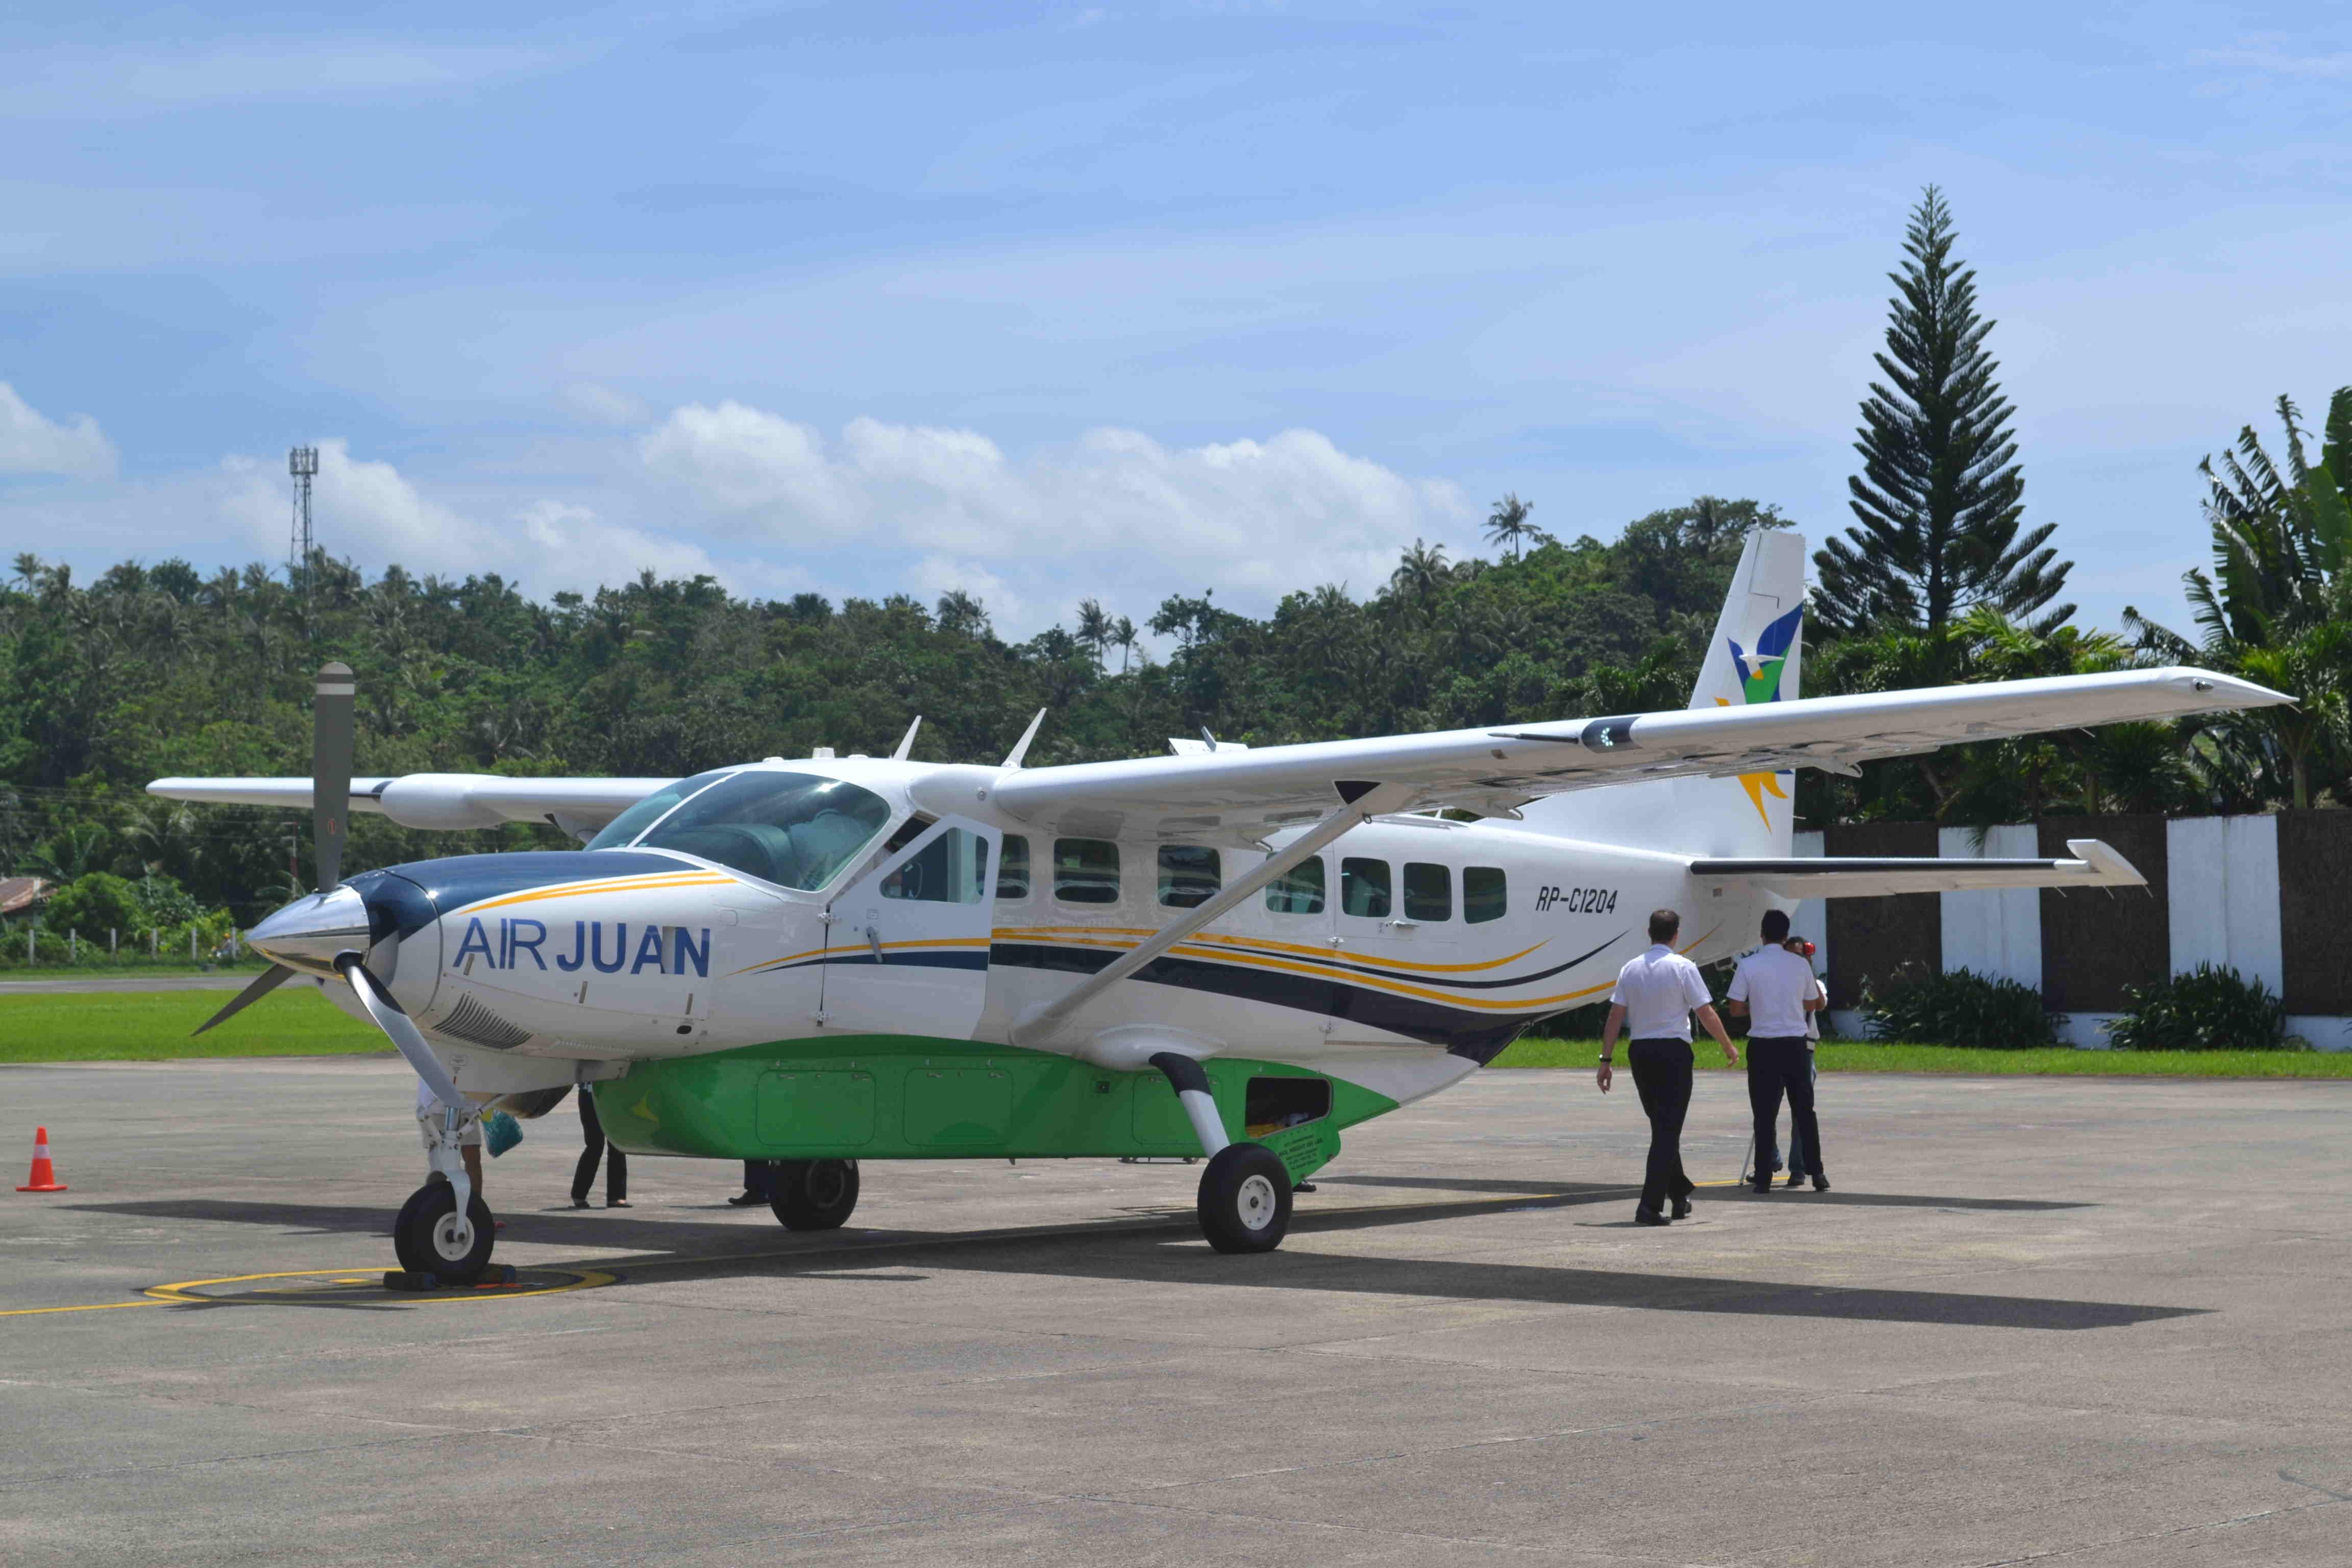 Letecká společnost Air Juan a nová možnost rychlé přepravy mezi Coronem a Boracay